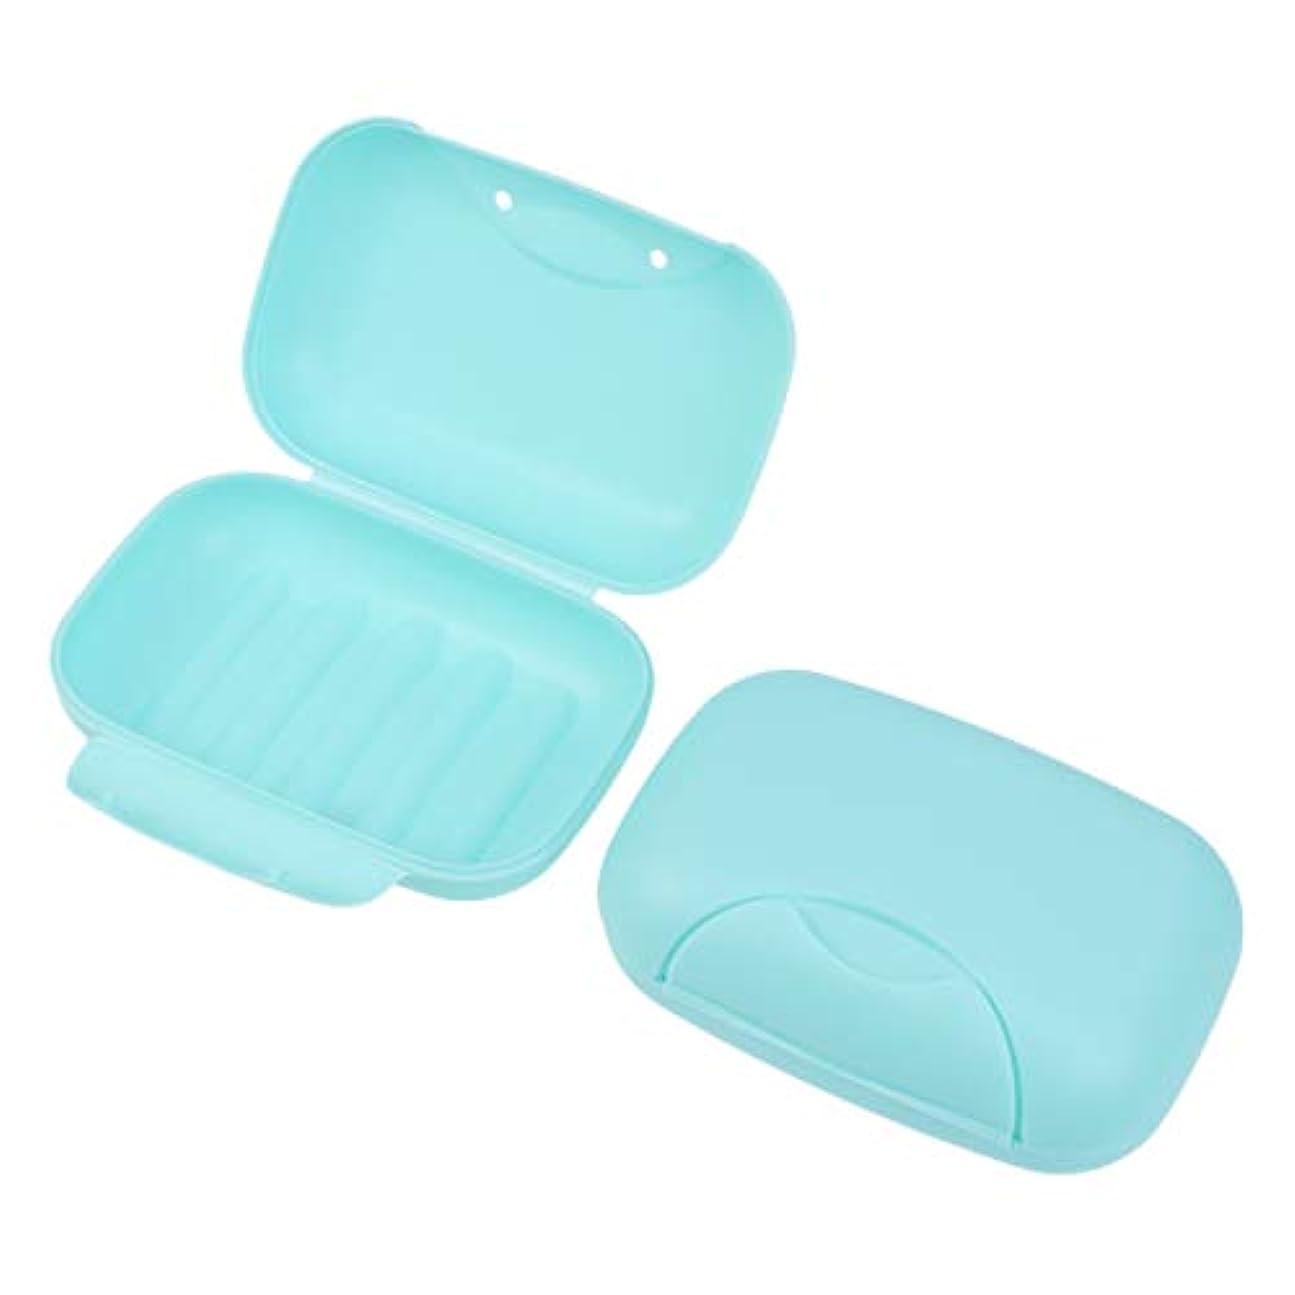 シャープ政治こしょうHealifty 旅行用ソープボックス防水石鹸皿ソープホルダー2個(青)